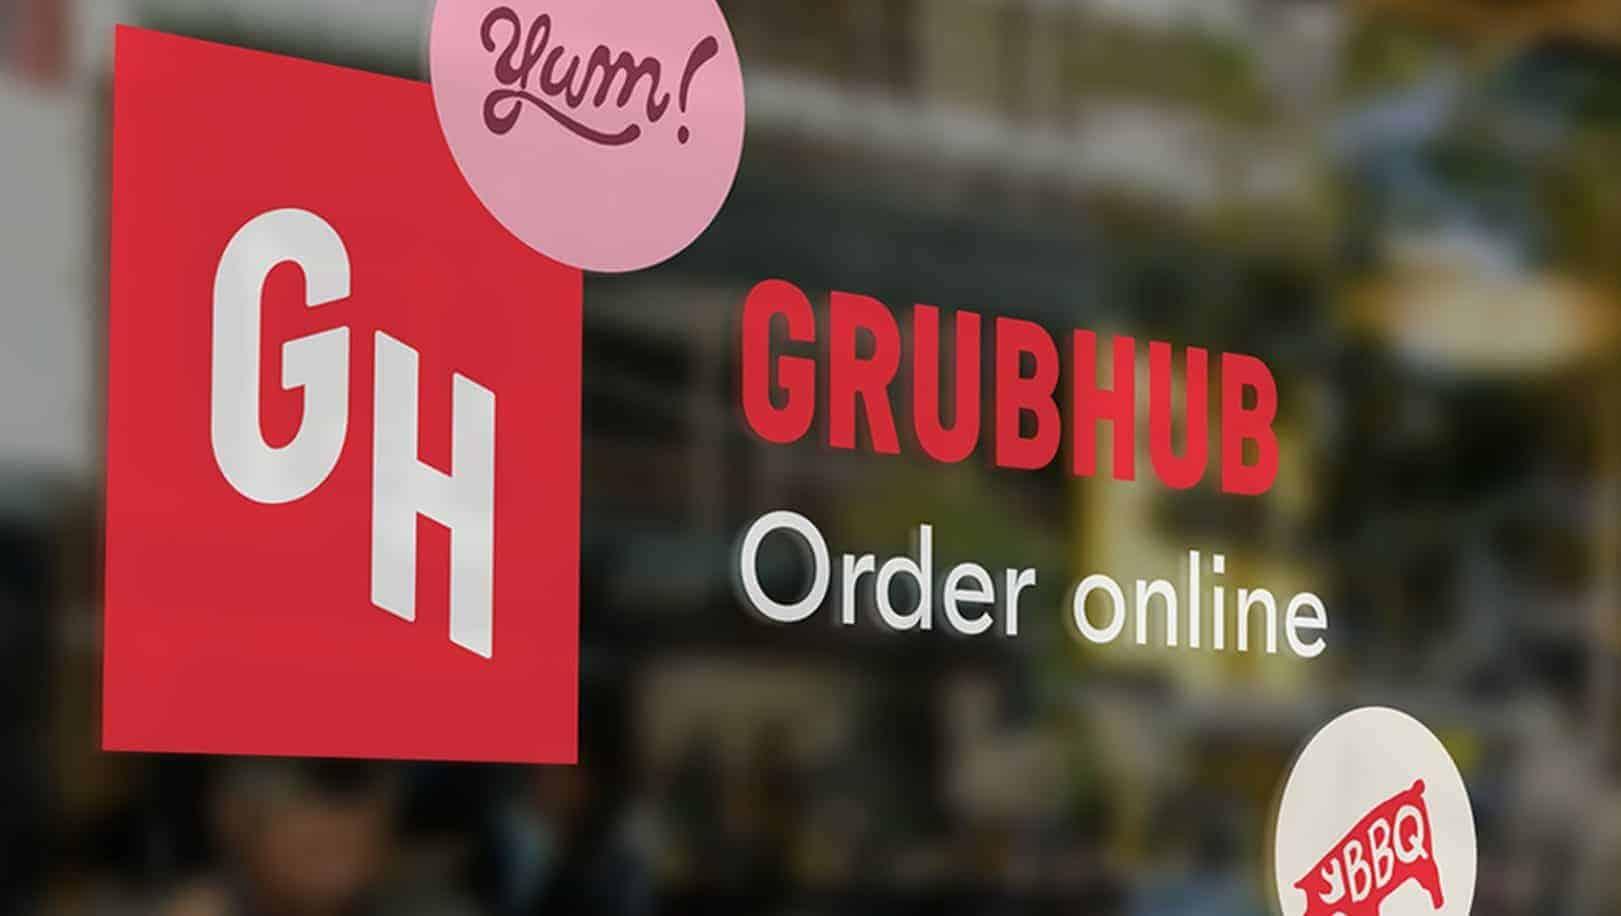 grubhub signage